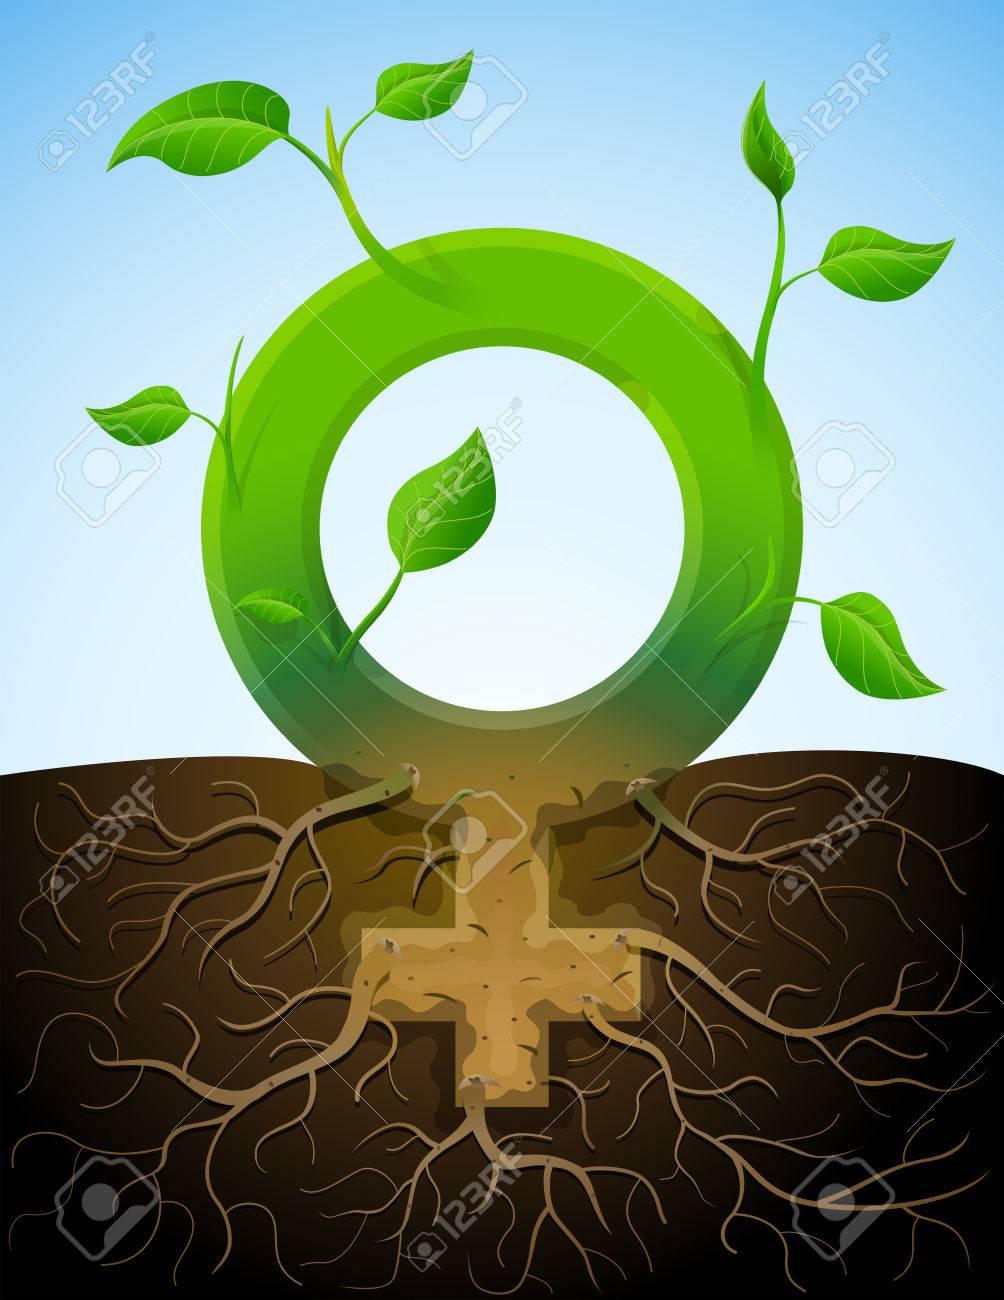 Wachsende Weibliche Symbol ähnliche Pflanze Mit Blättern Und Wurzeln ...